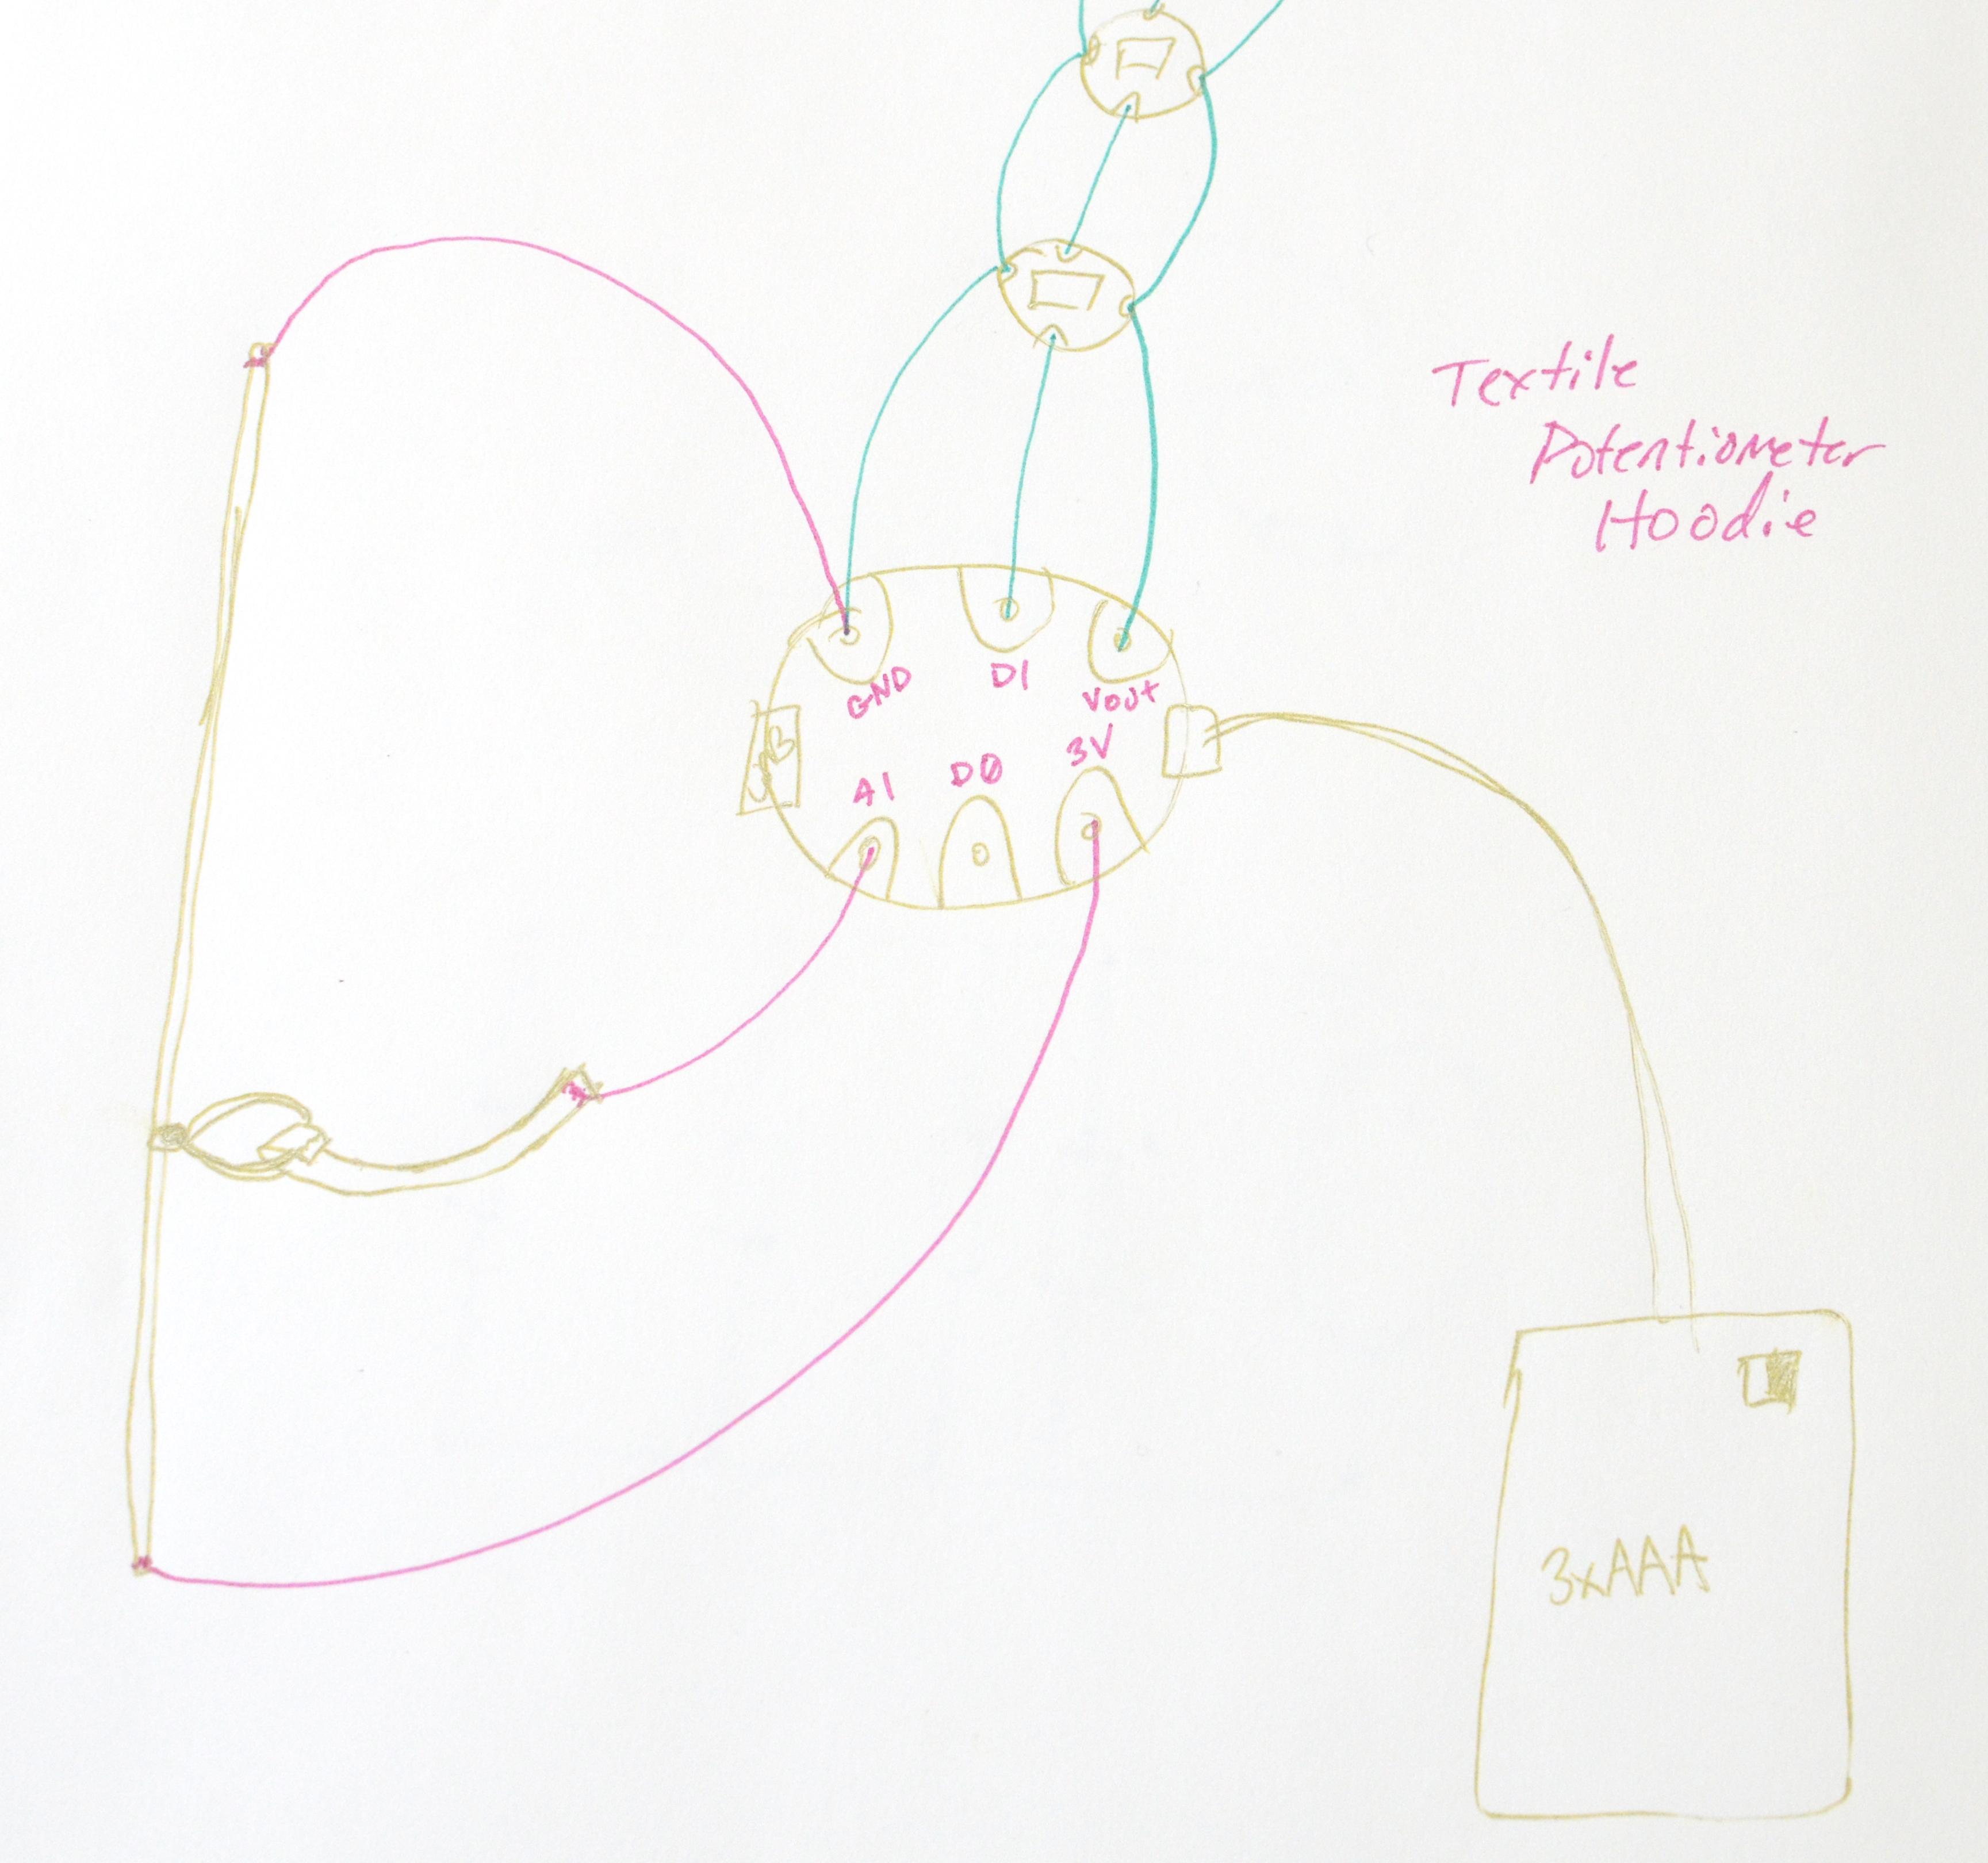 sensors_textile-potentiometer-hoodie-diagram.jpg